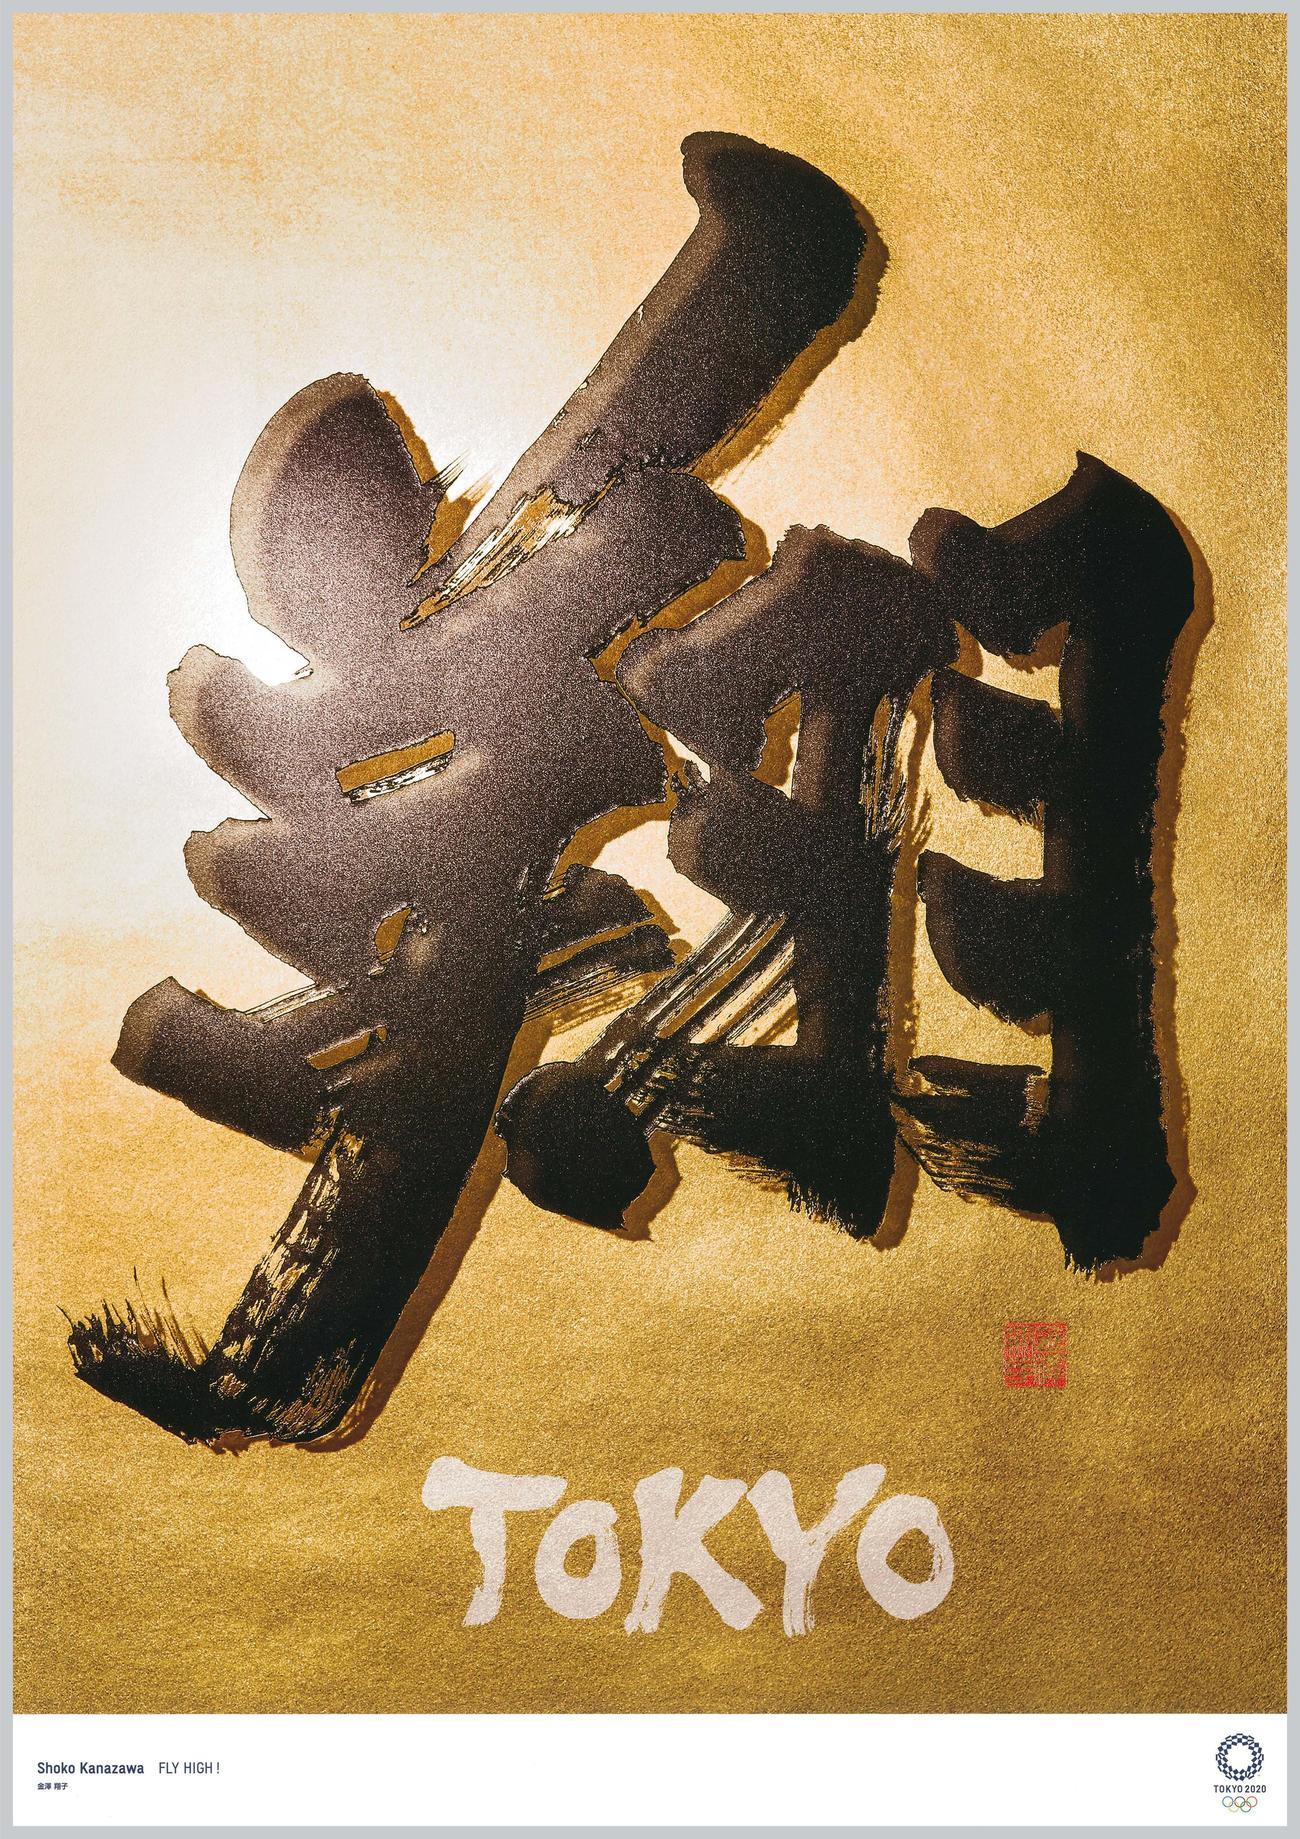 書家の金沢翔子氏が手掛けたオリンピックをテーマにした作品「翔」@Tokyo2020